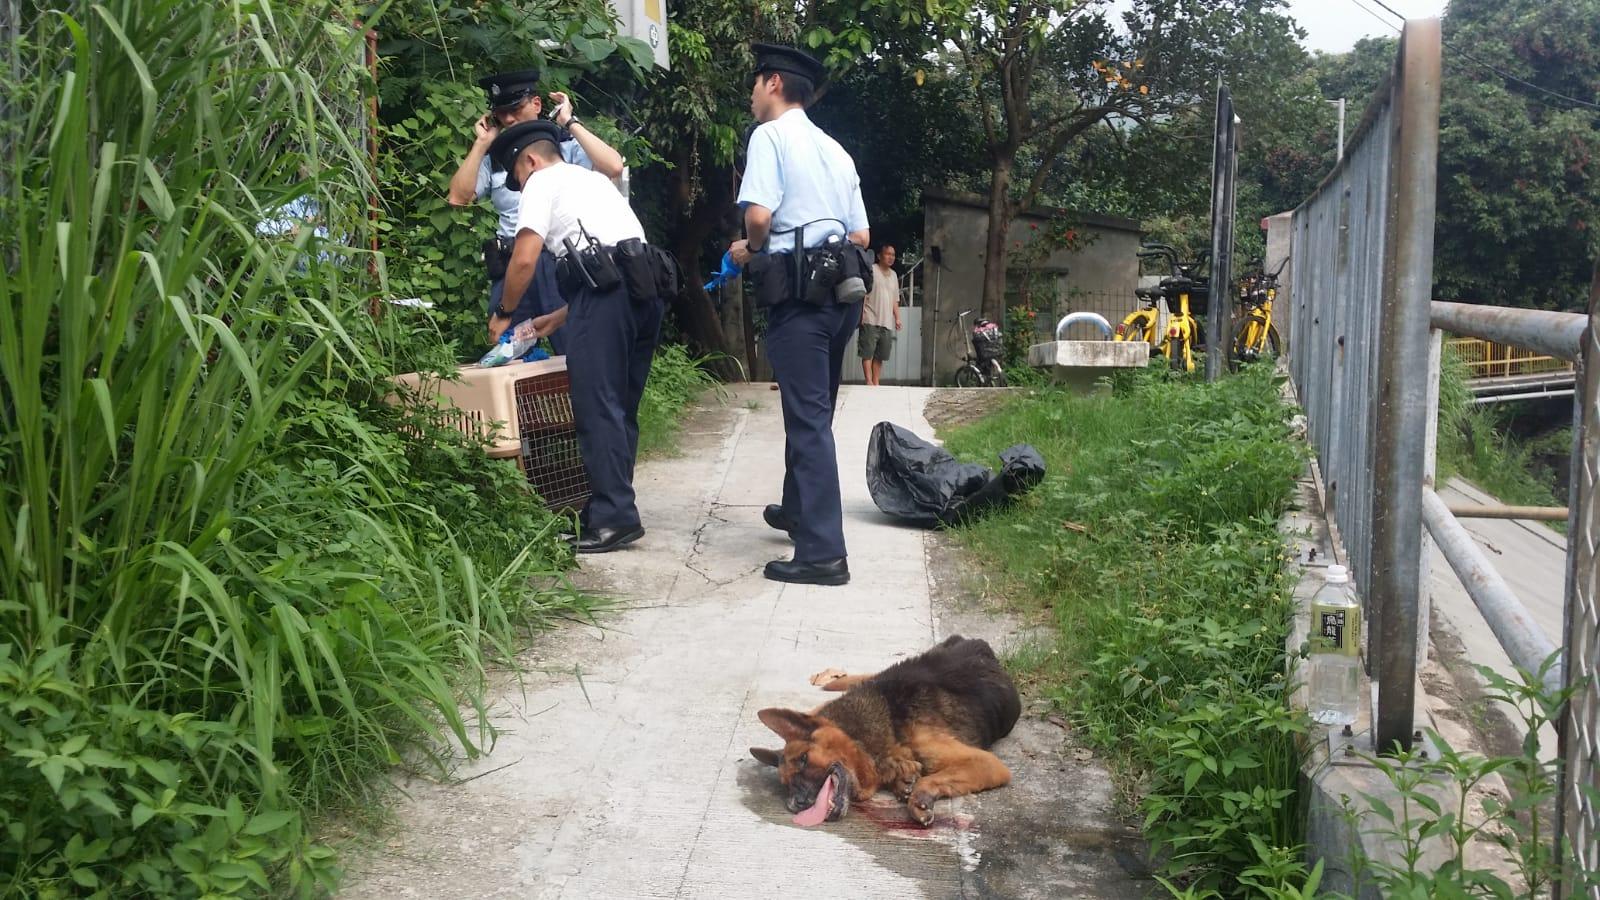 警方通知愛護動物協會人員到場處理,將受傷狗隻帶走。